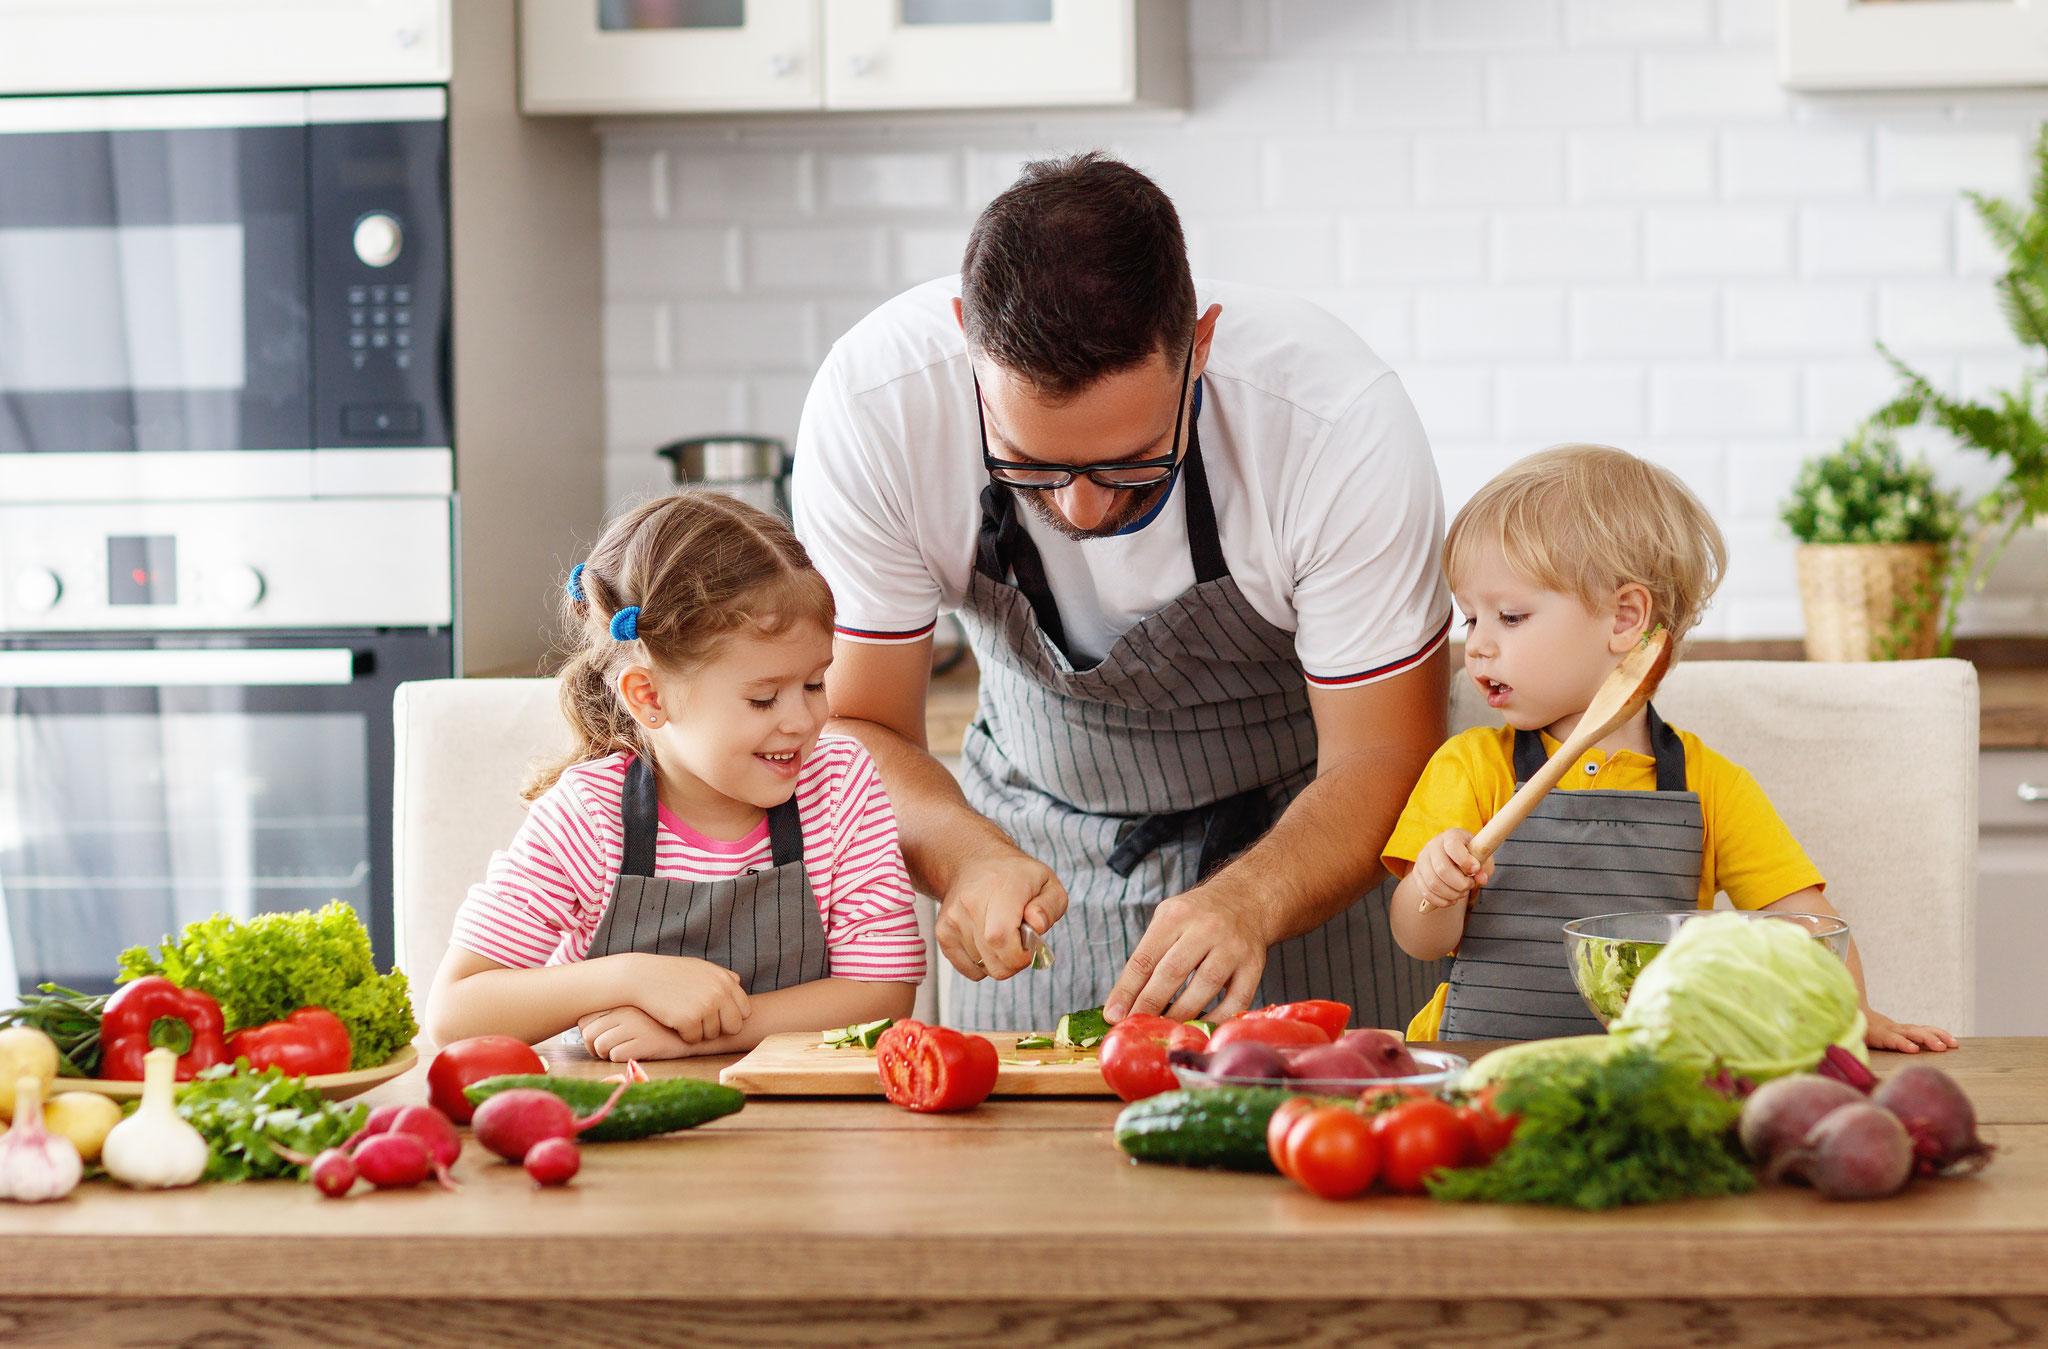 Gemeinsam kochen und backen © Gorodenkoff, Adobe Stock